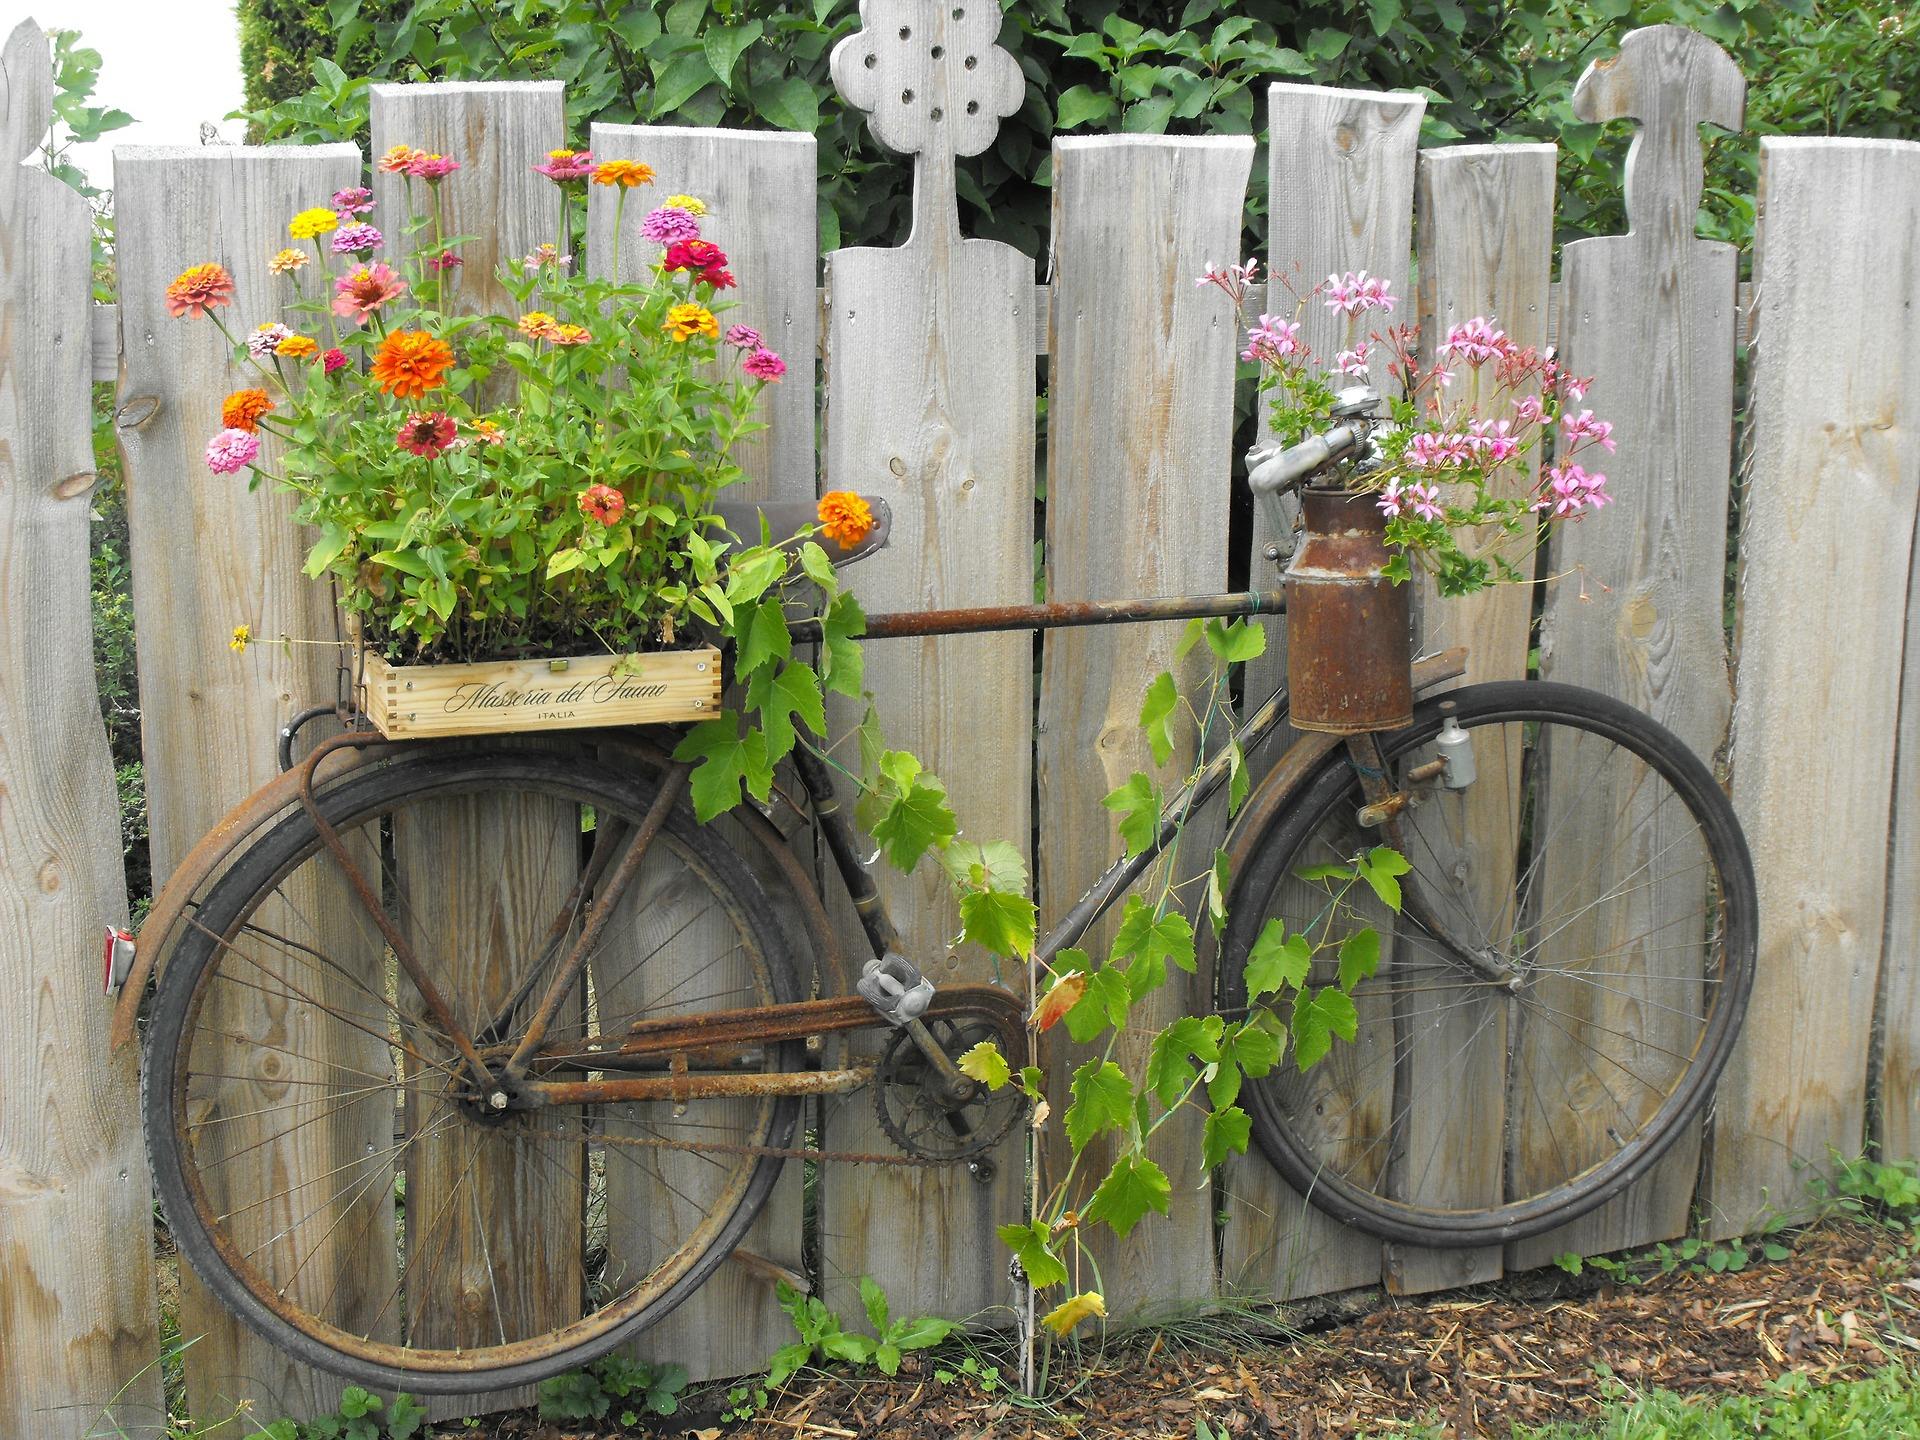 http://evhayat.com/wp-content/uploads/2014/05/eski-bisiklet-dekoru.jpg